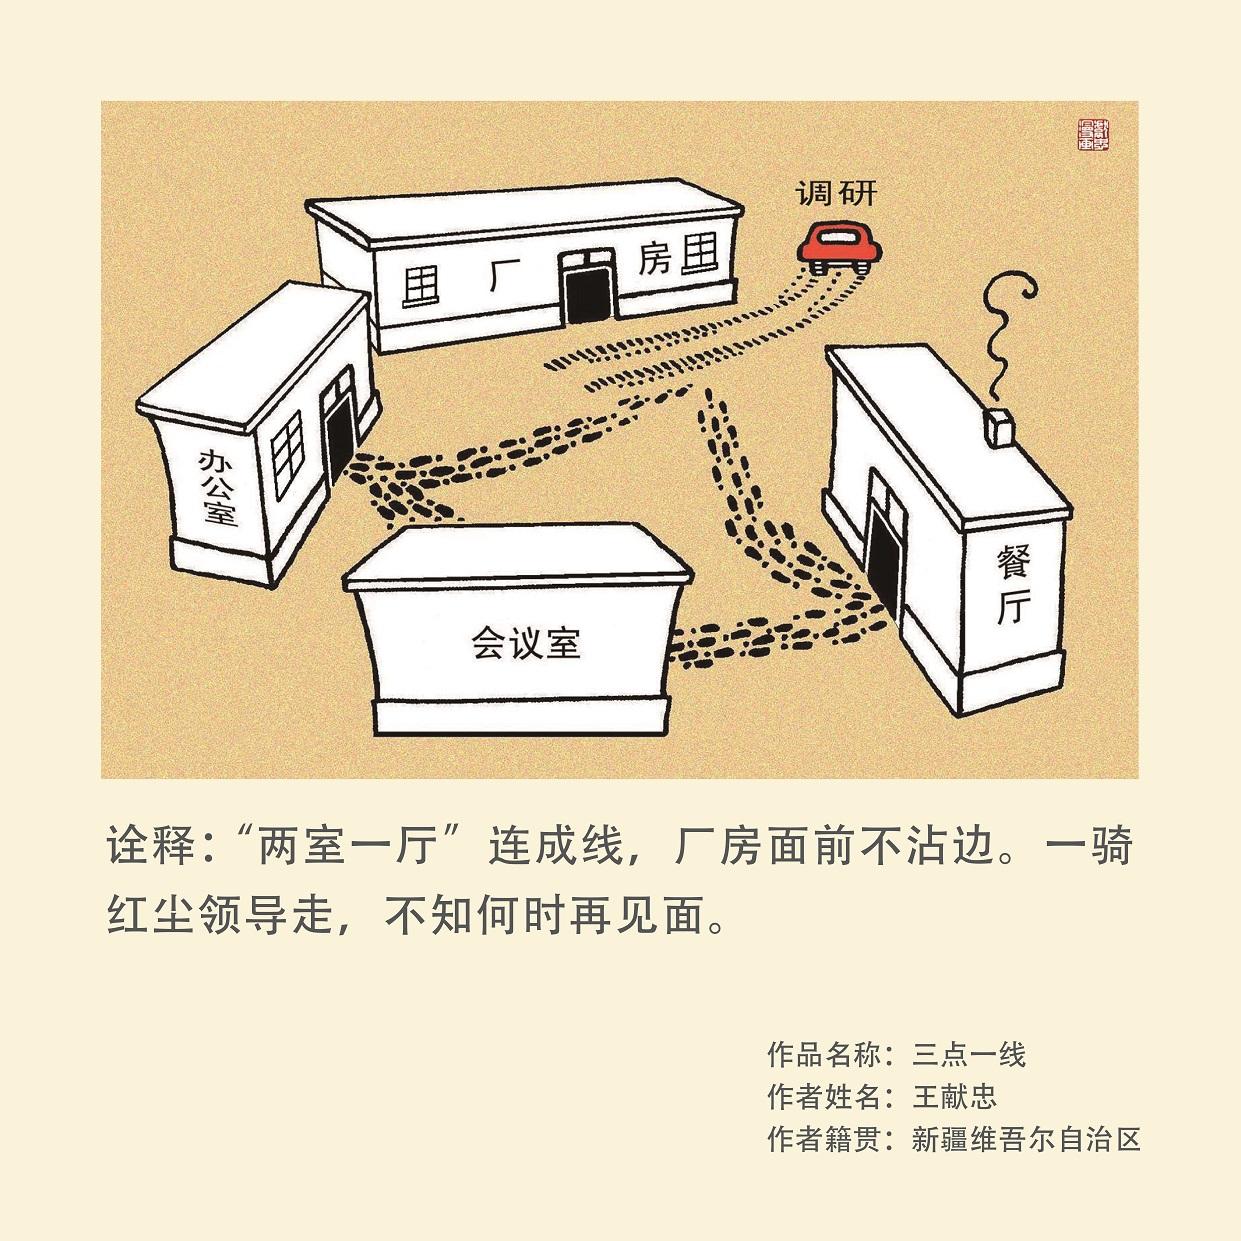 【原创漫画】形式主义、官僚主义十种新表现之